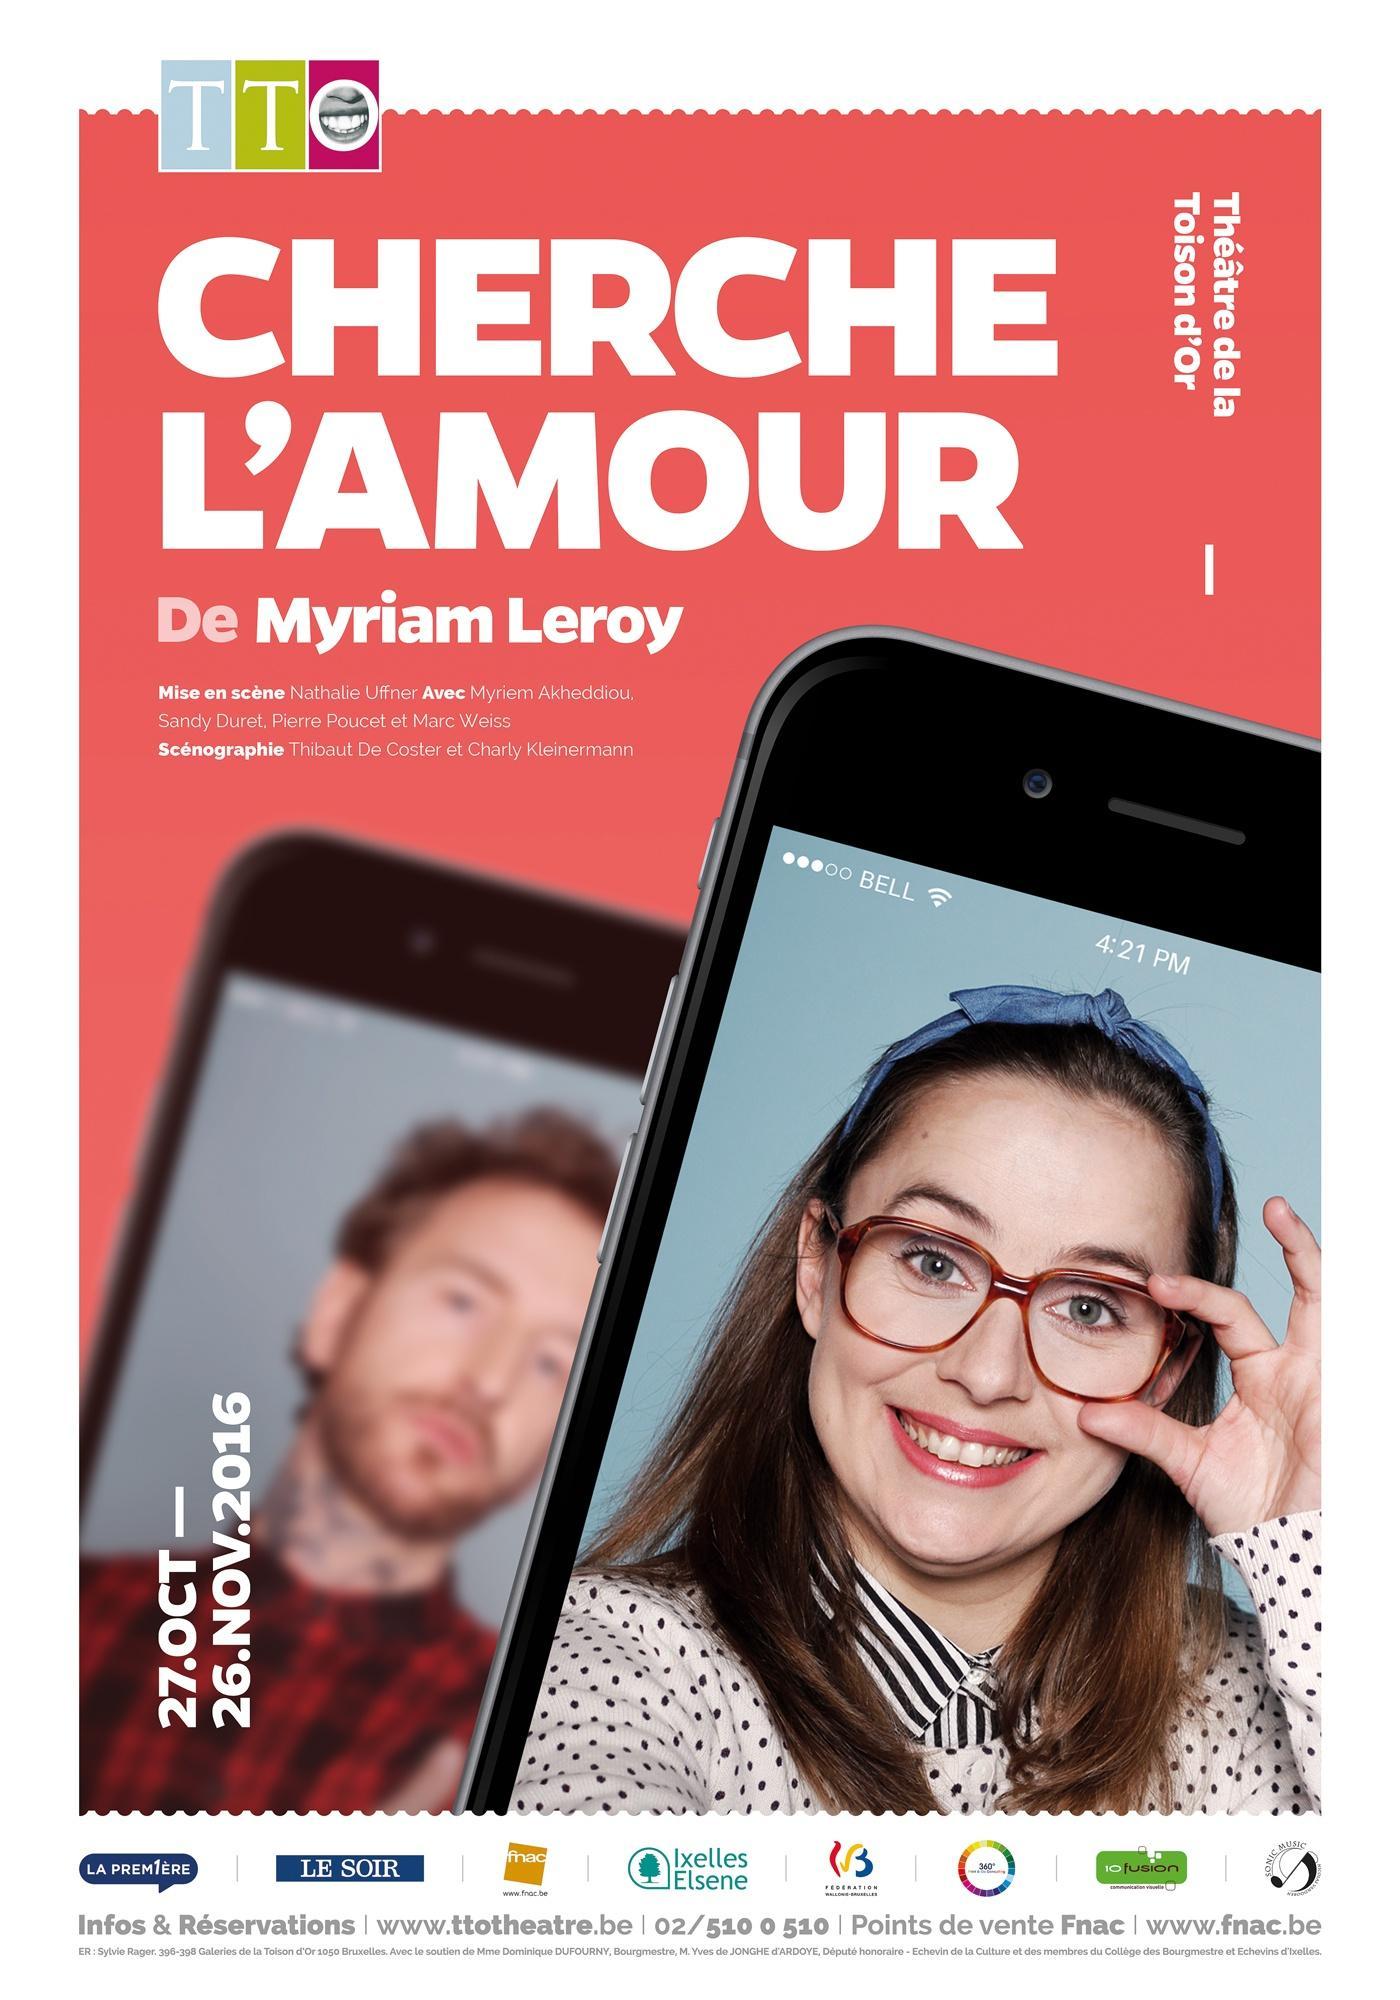 Cherche l'amour - Myriam Leroy